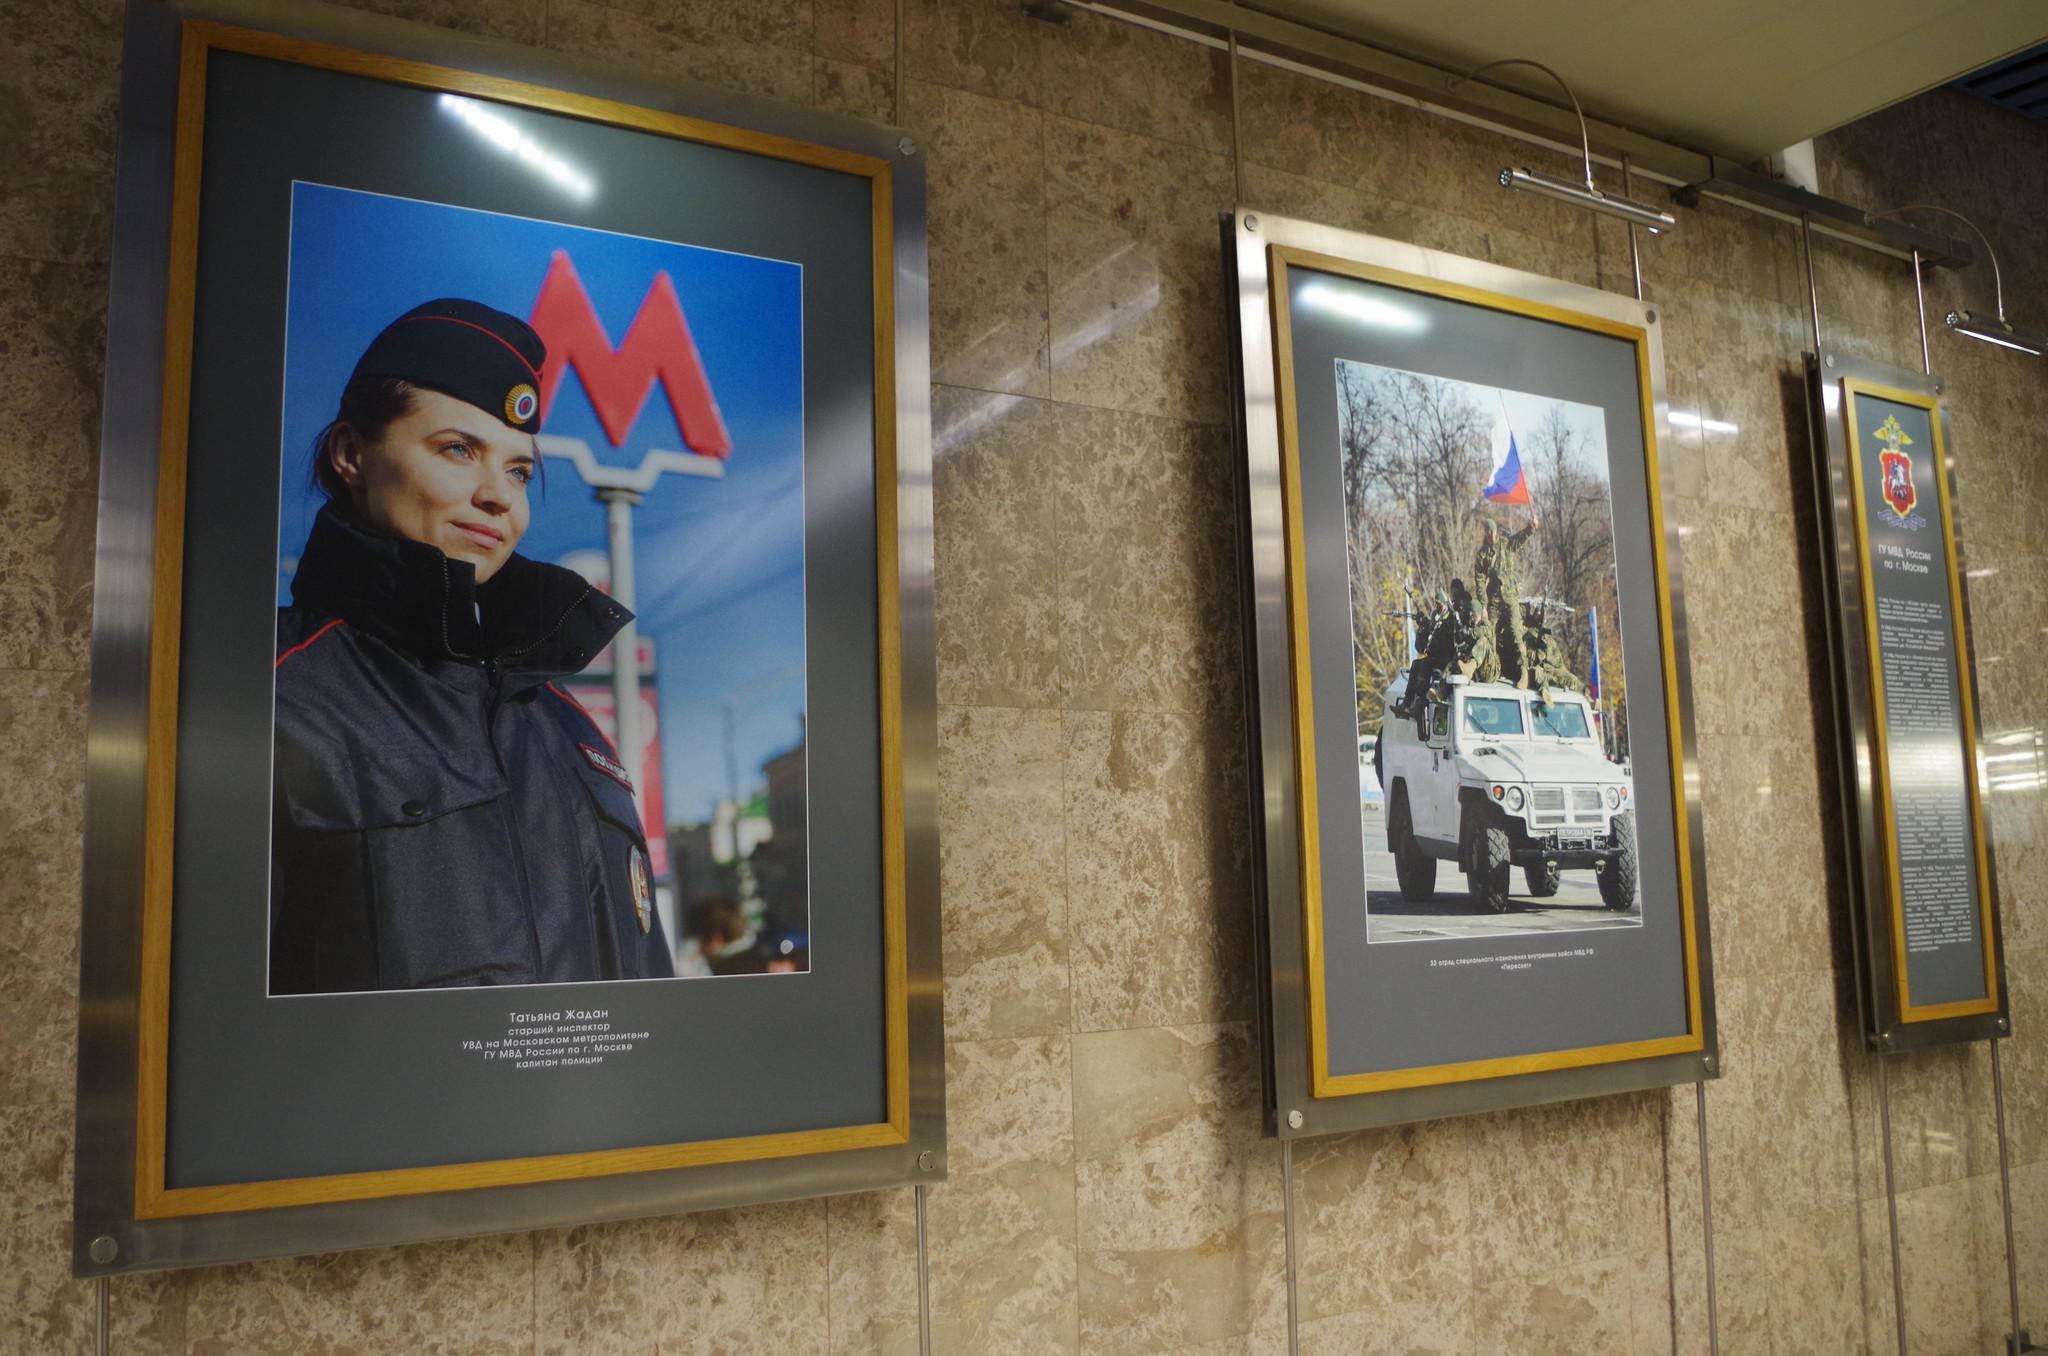 Выставка в галерее «Метро» на станции «Выставочная» Московского метрополитена. Февраль 2014 г.